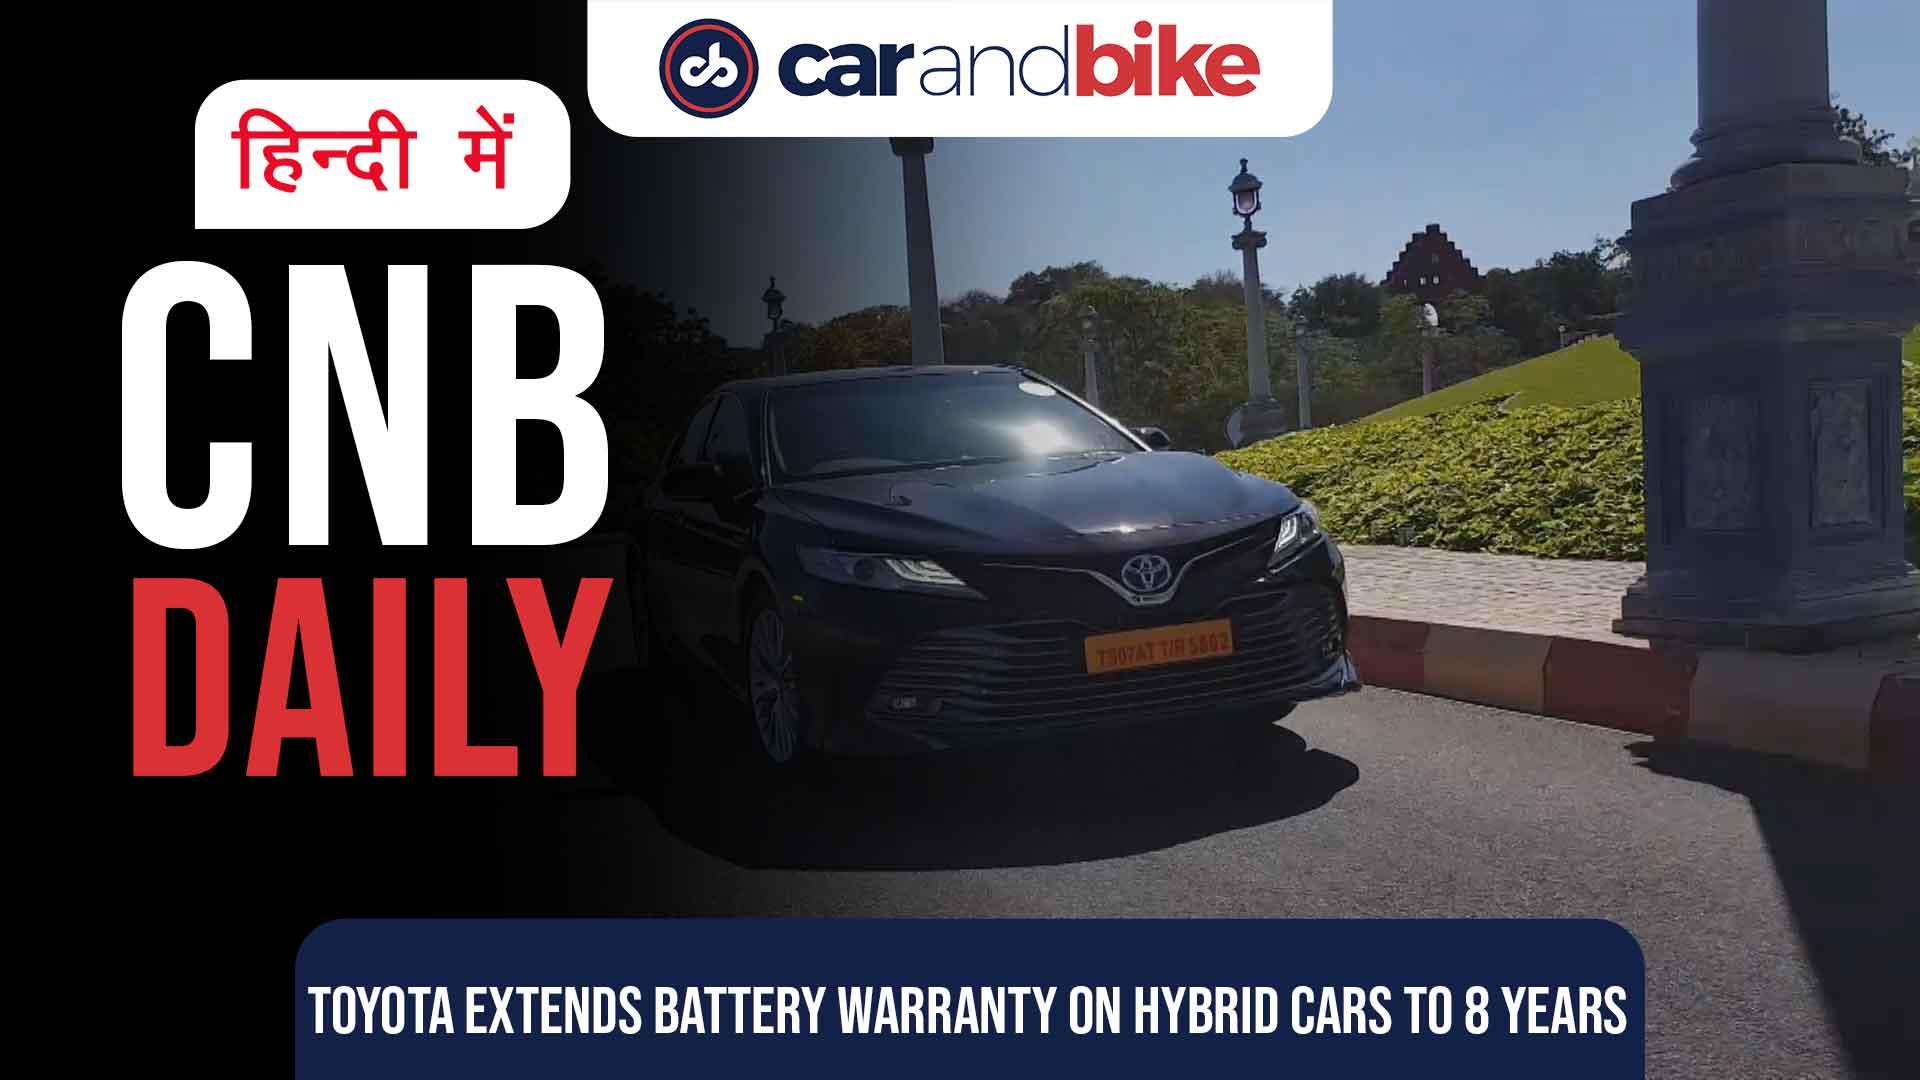 टोयोटा ने हाईब्रिड कारों की बैटरी पर बढ़ाई वारंटी